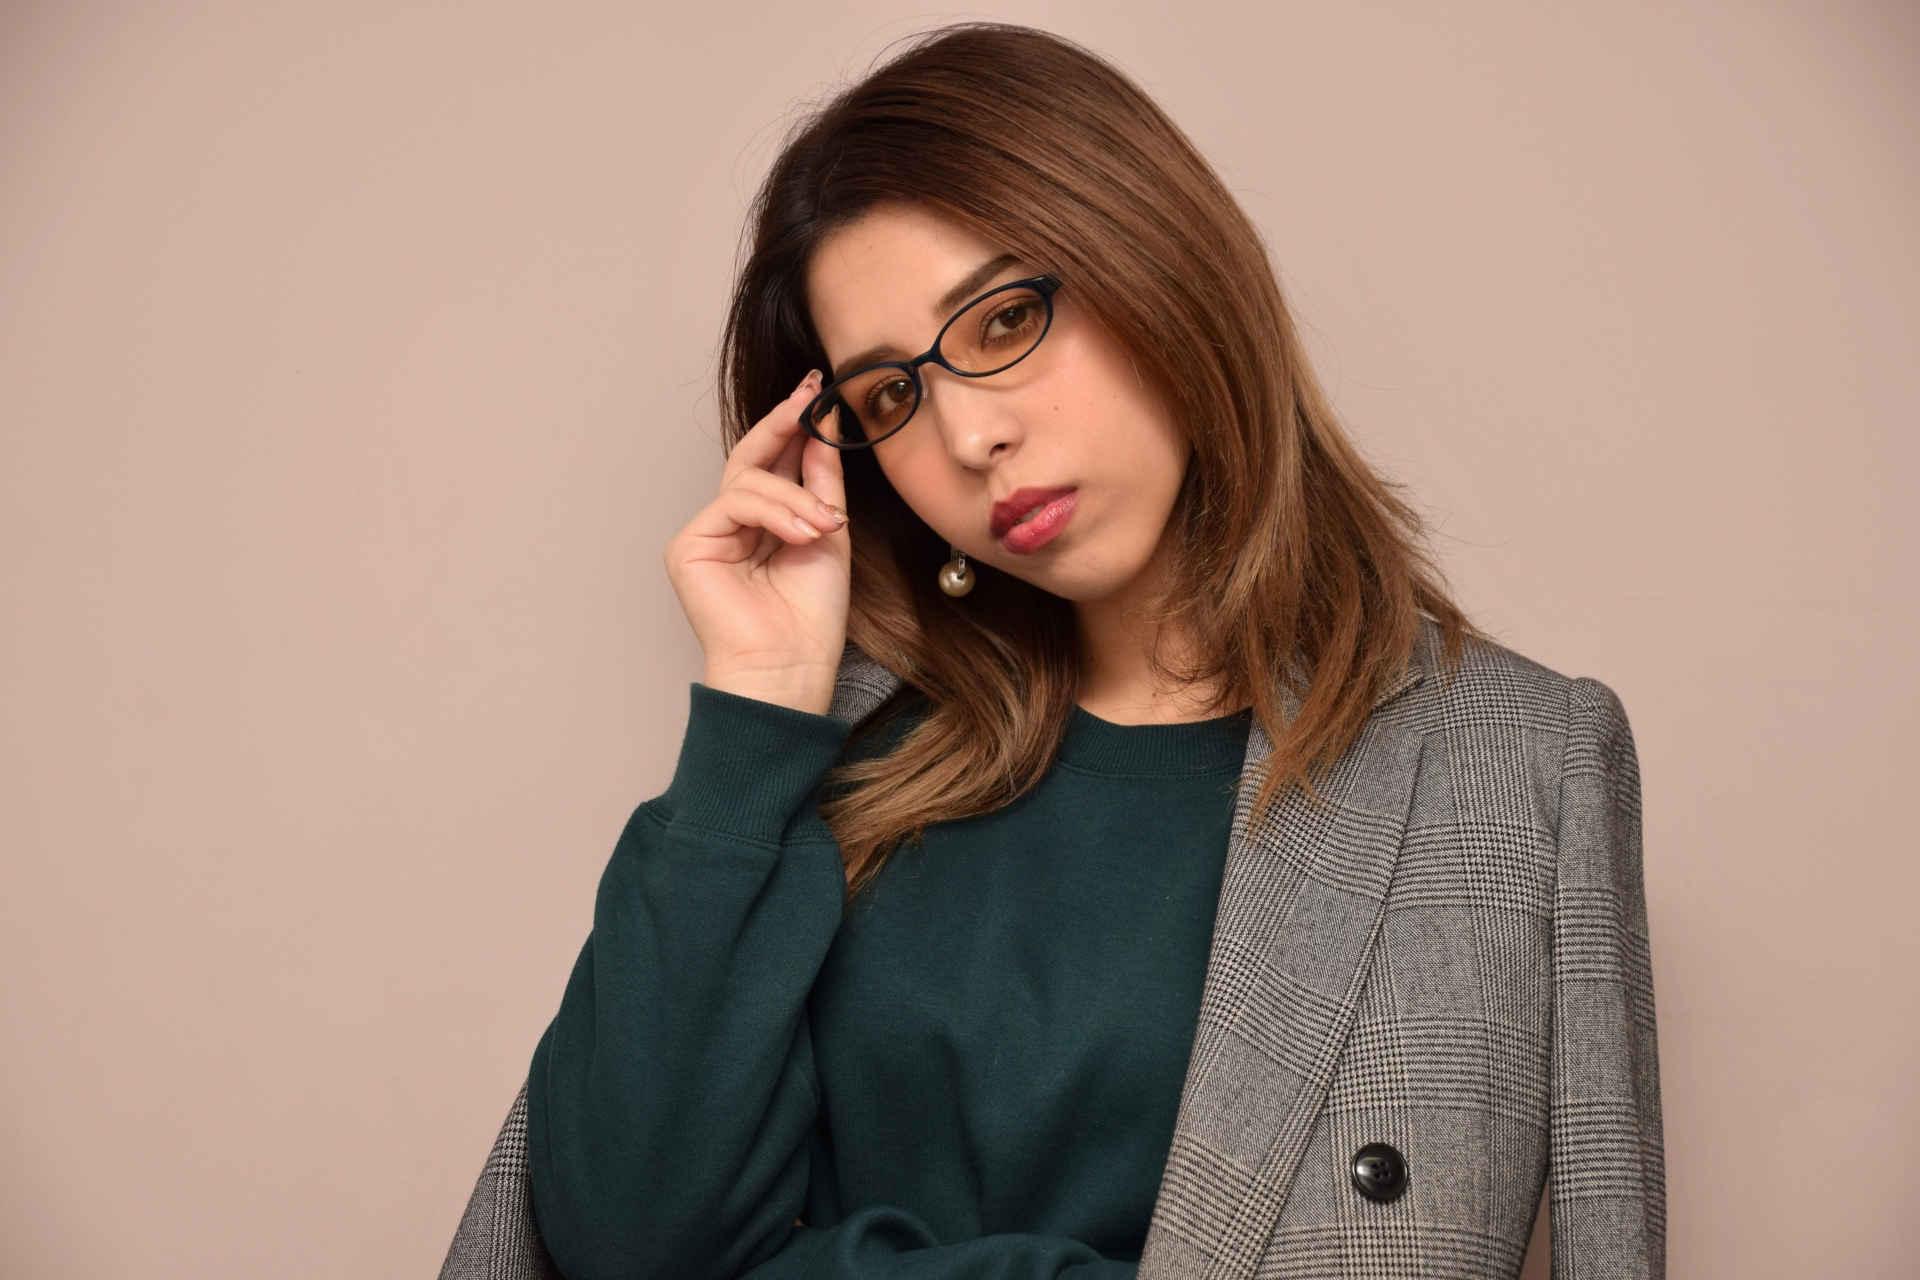 メガネの縁を持ってかけ直している女性